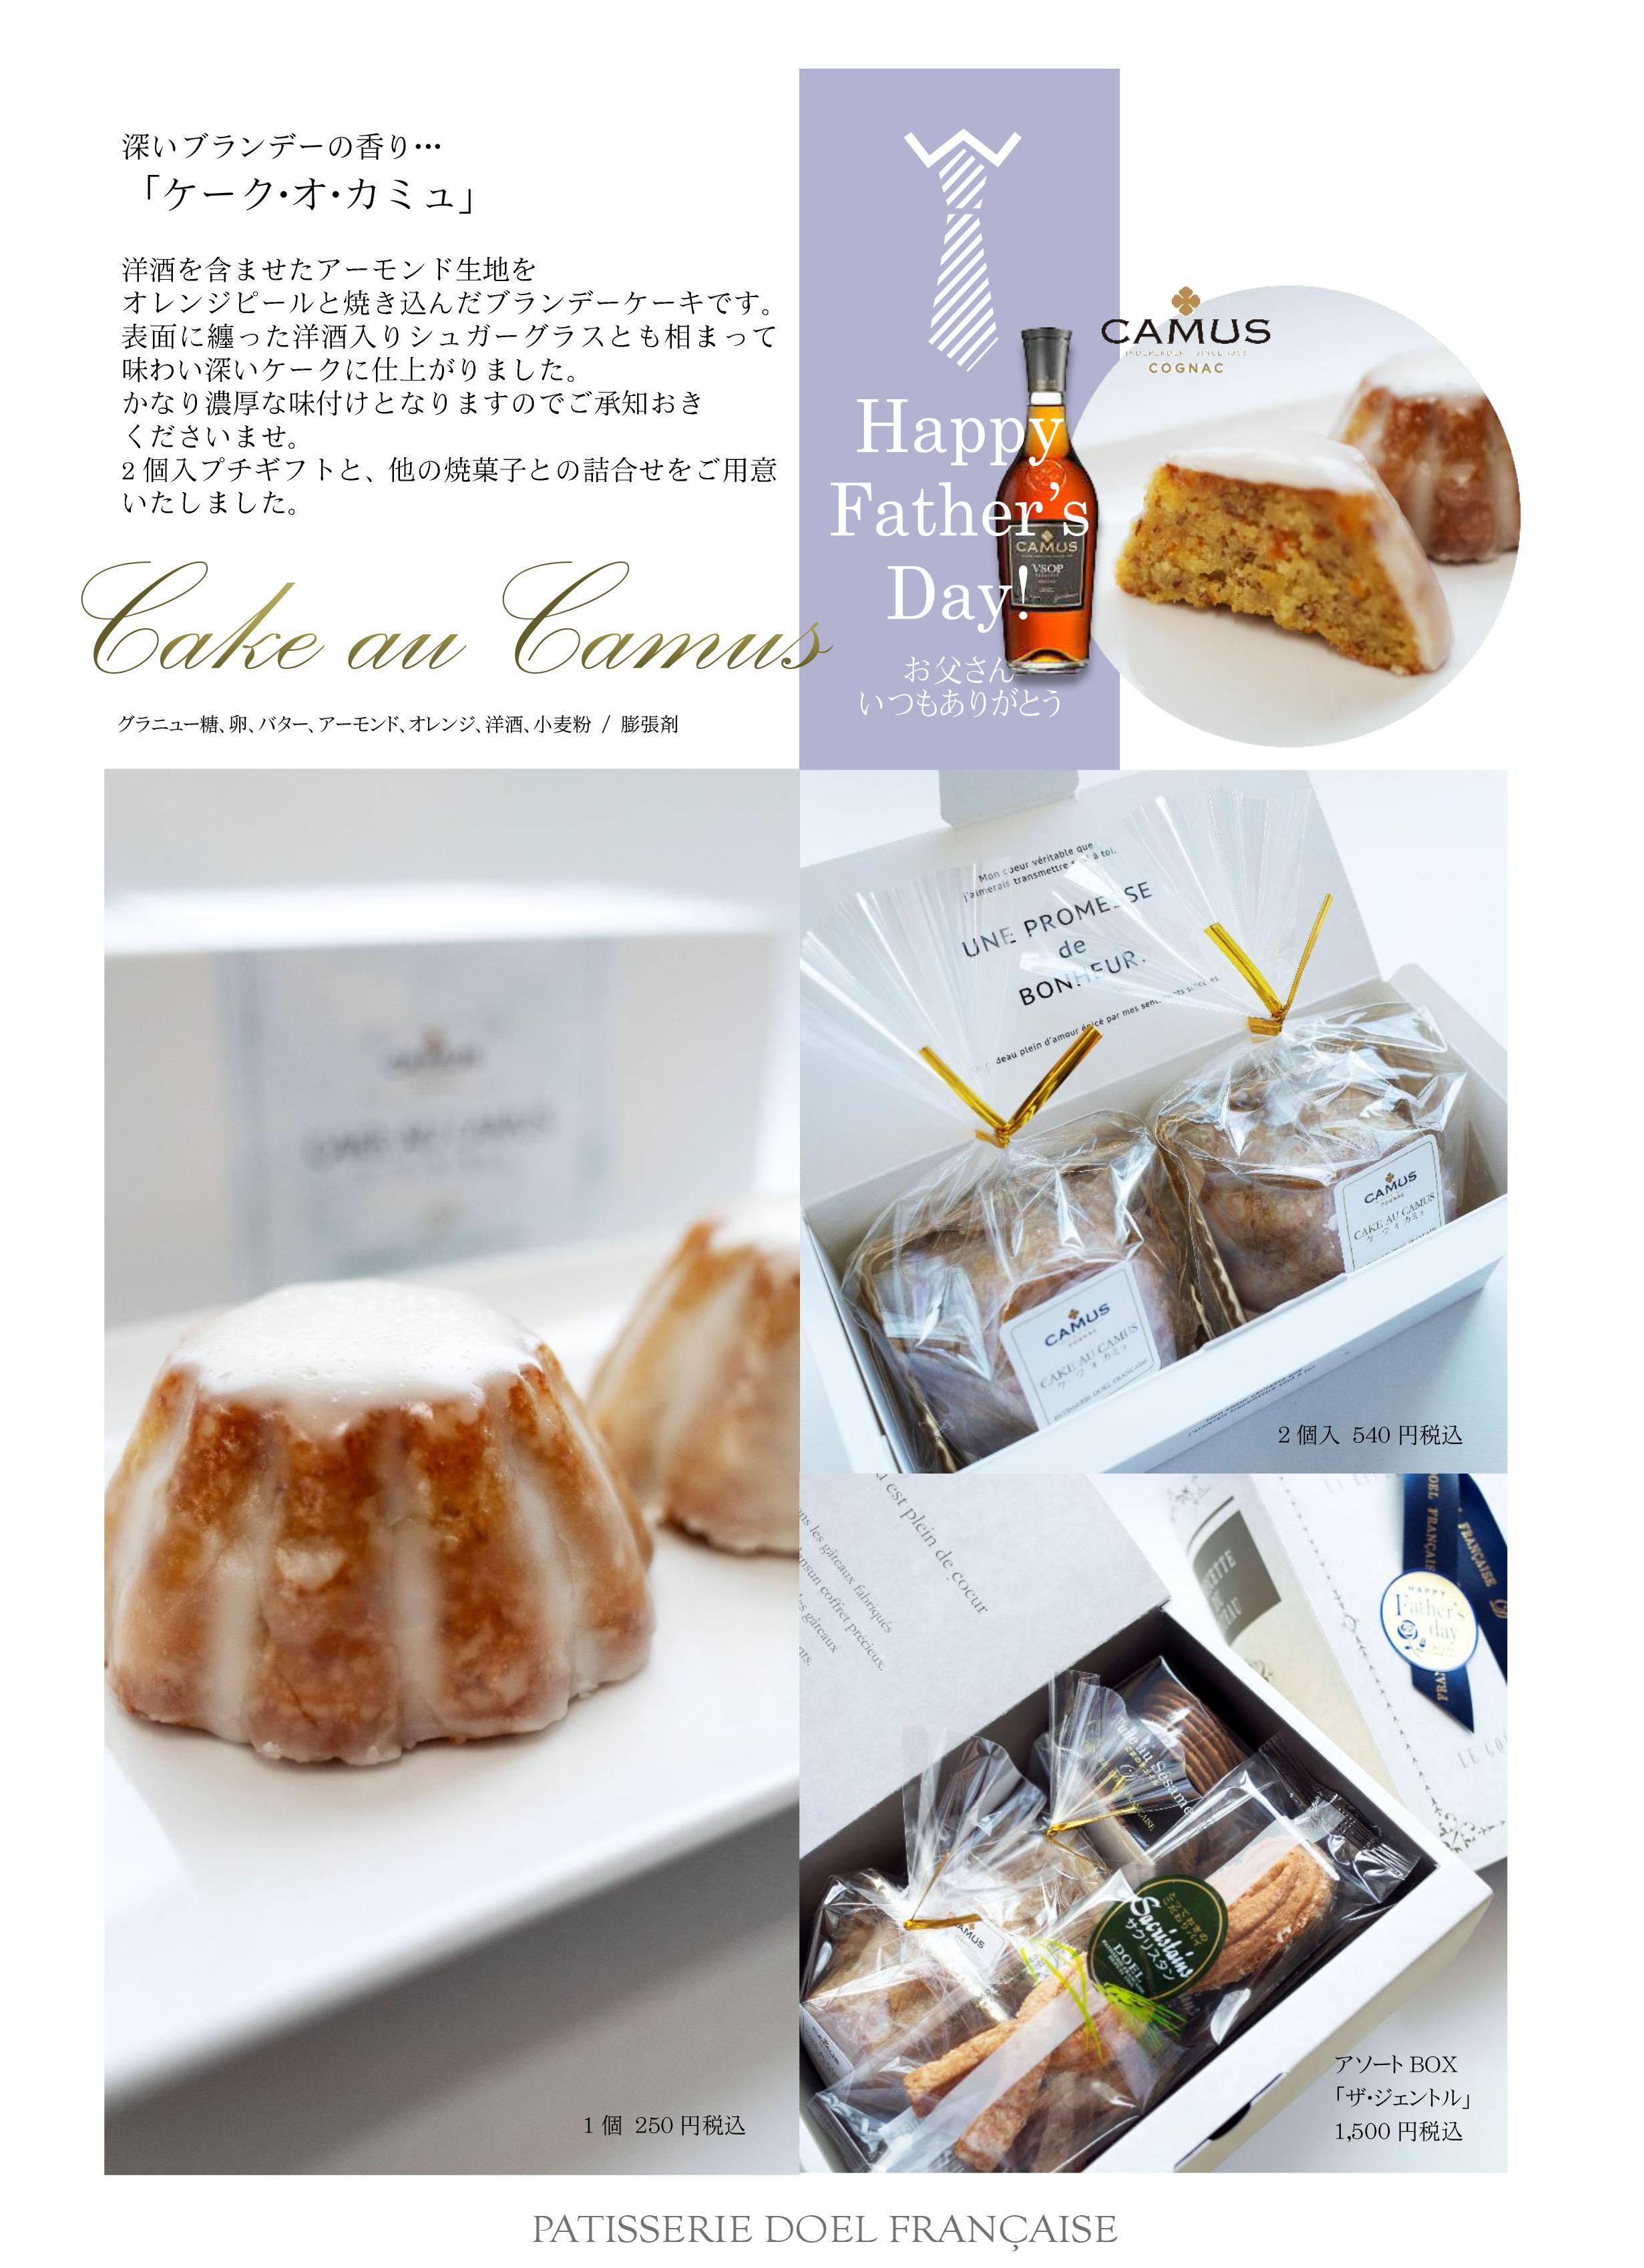 210604 cake camus